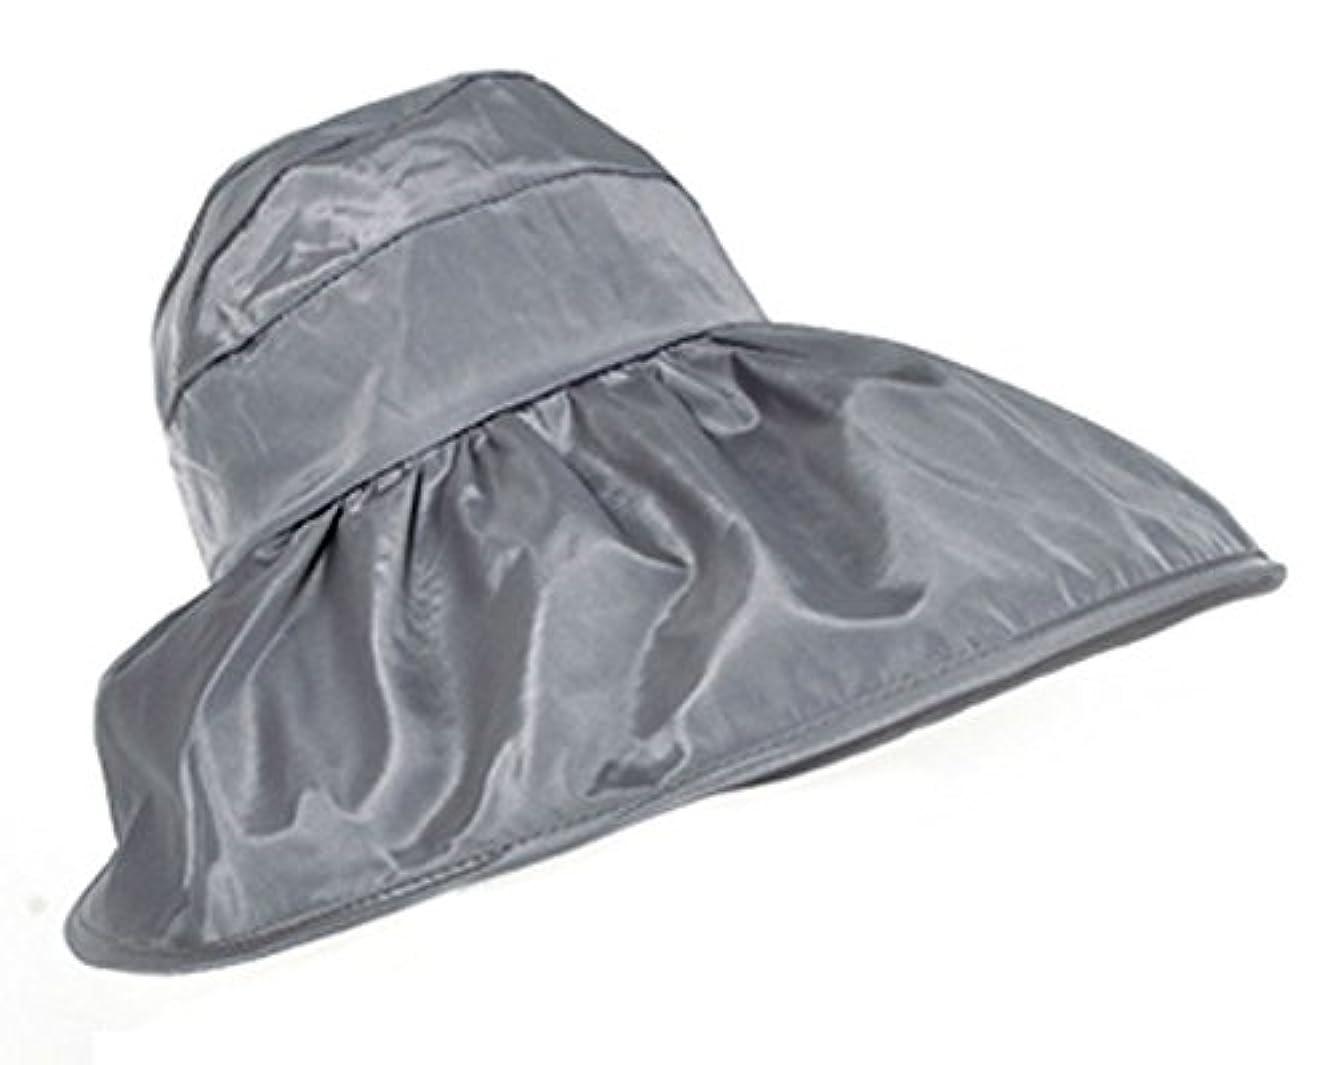 まだマルクス主義者希少性FakeFace 夏 レディース 帽子 UVカット サンバイザー 紫外線対策 日よけ帽子 つば広 オシャレ ケープ ハット 日よけ 折りたたみ 防水 カジュアル 海 農作業 ぼうし サイズ調節可